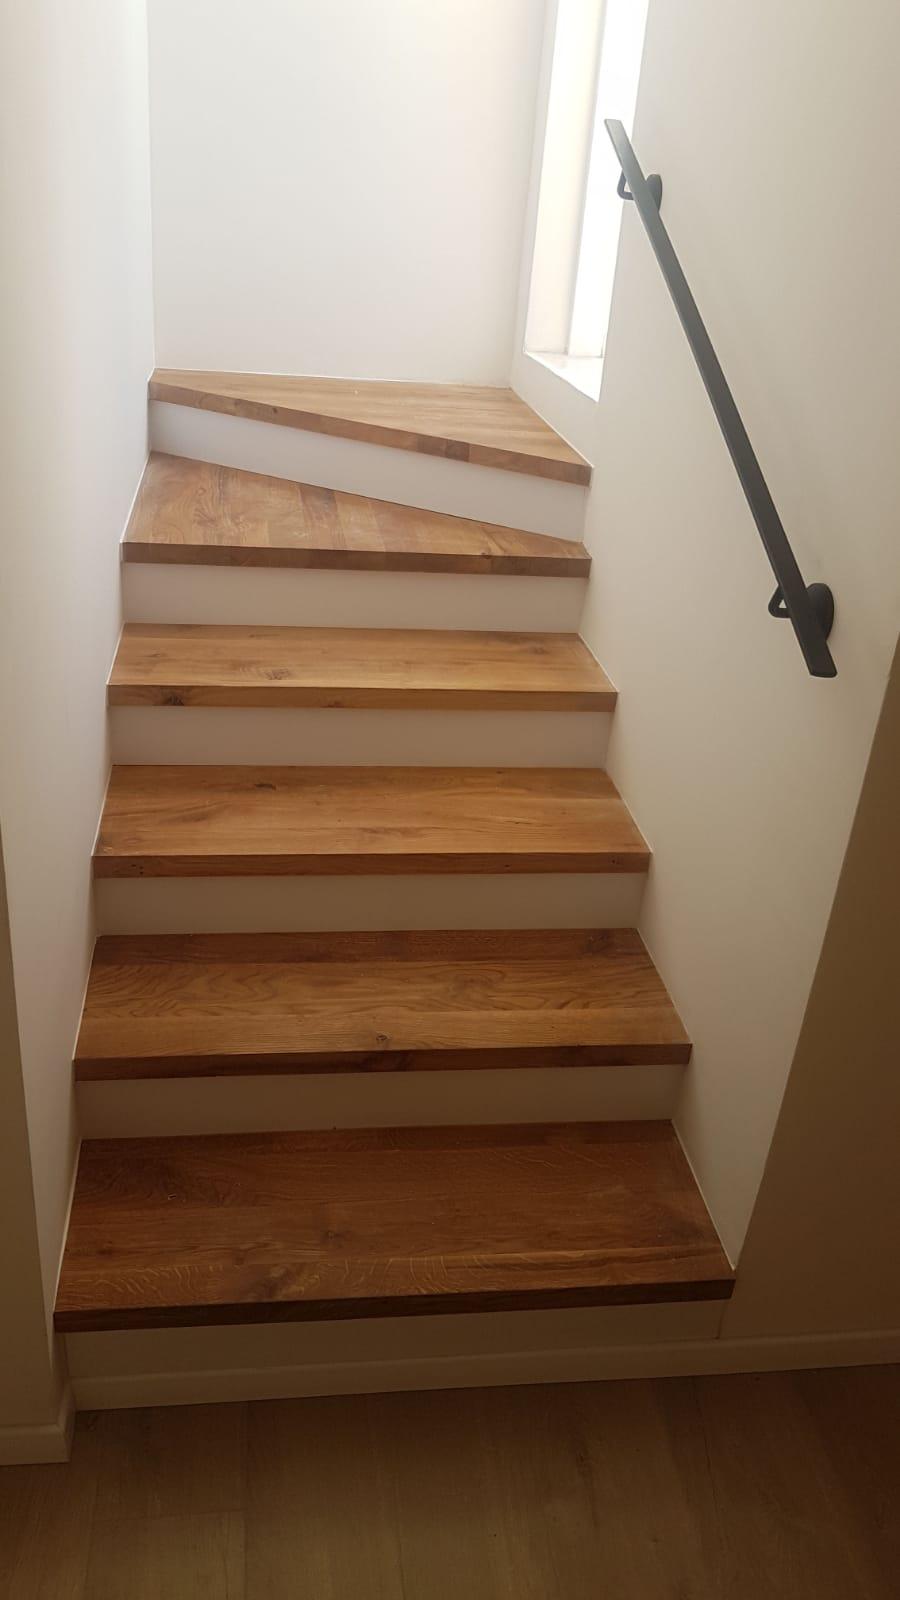 מדרגות לבית עם רצפת פרקט